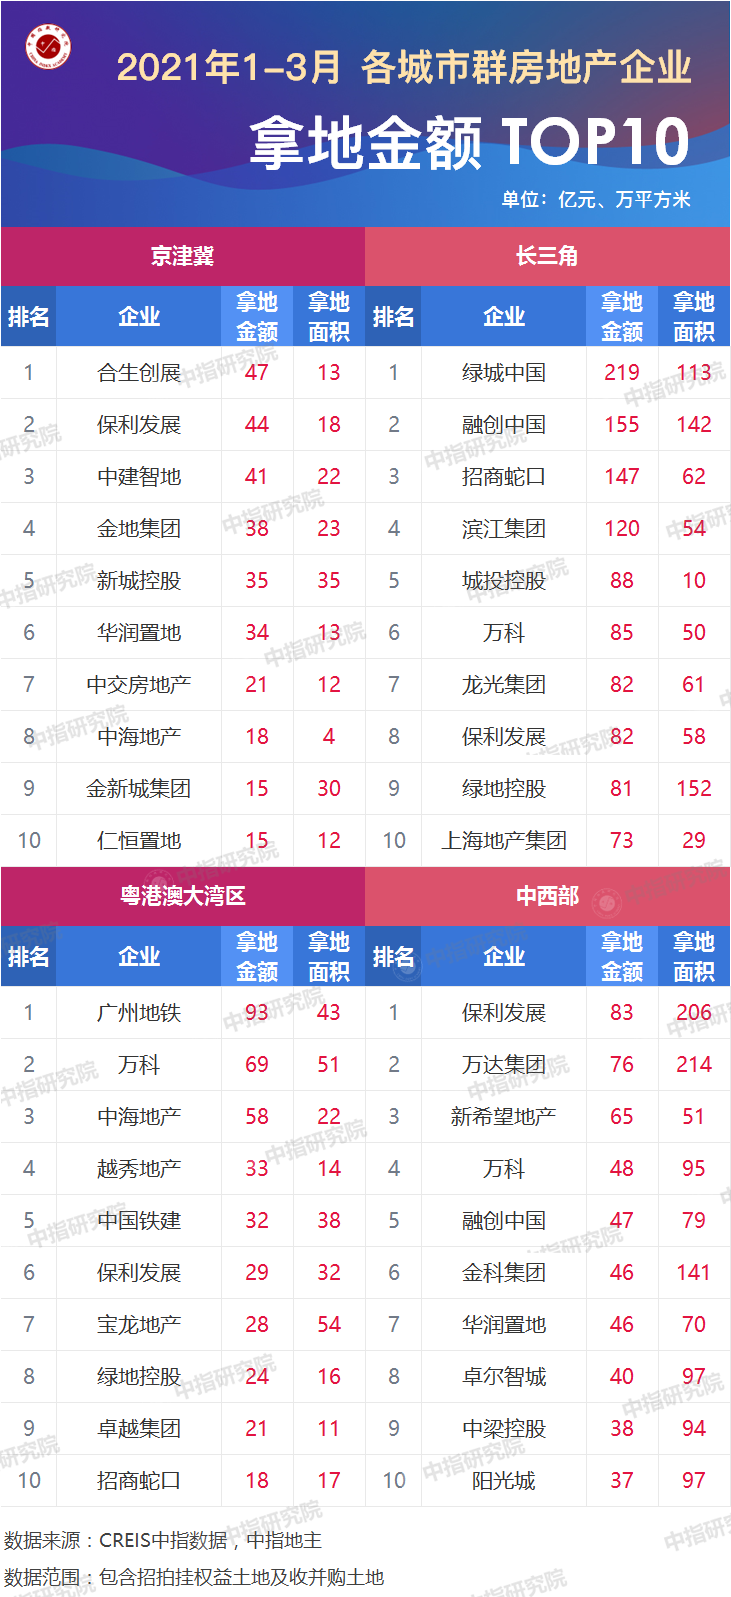 2021年1-3月全国房地产企业拿地排行榜_5